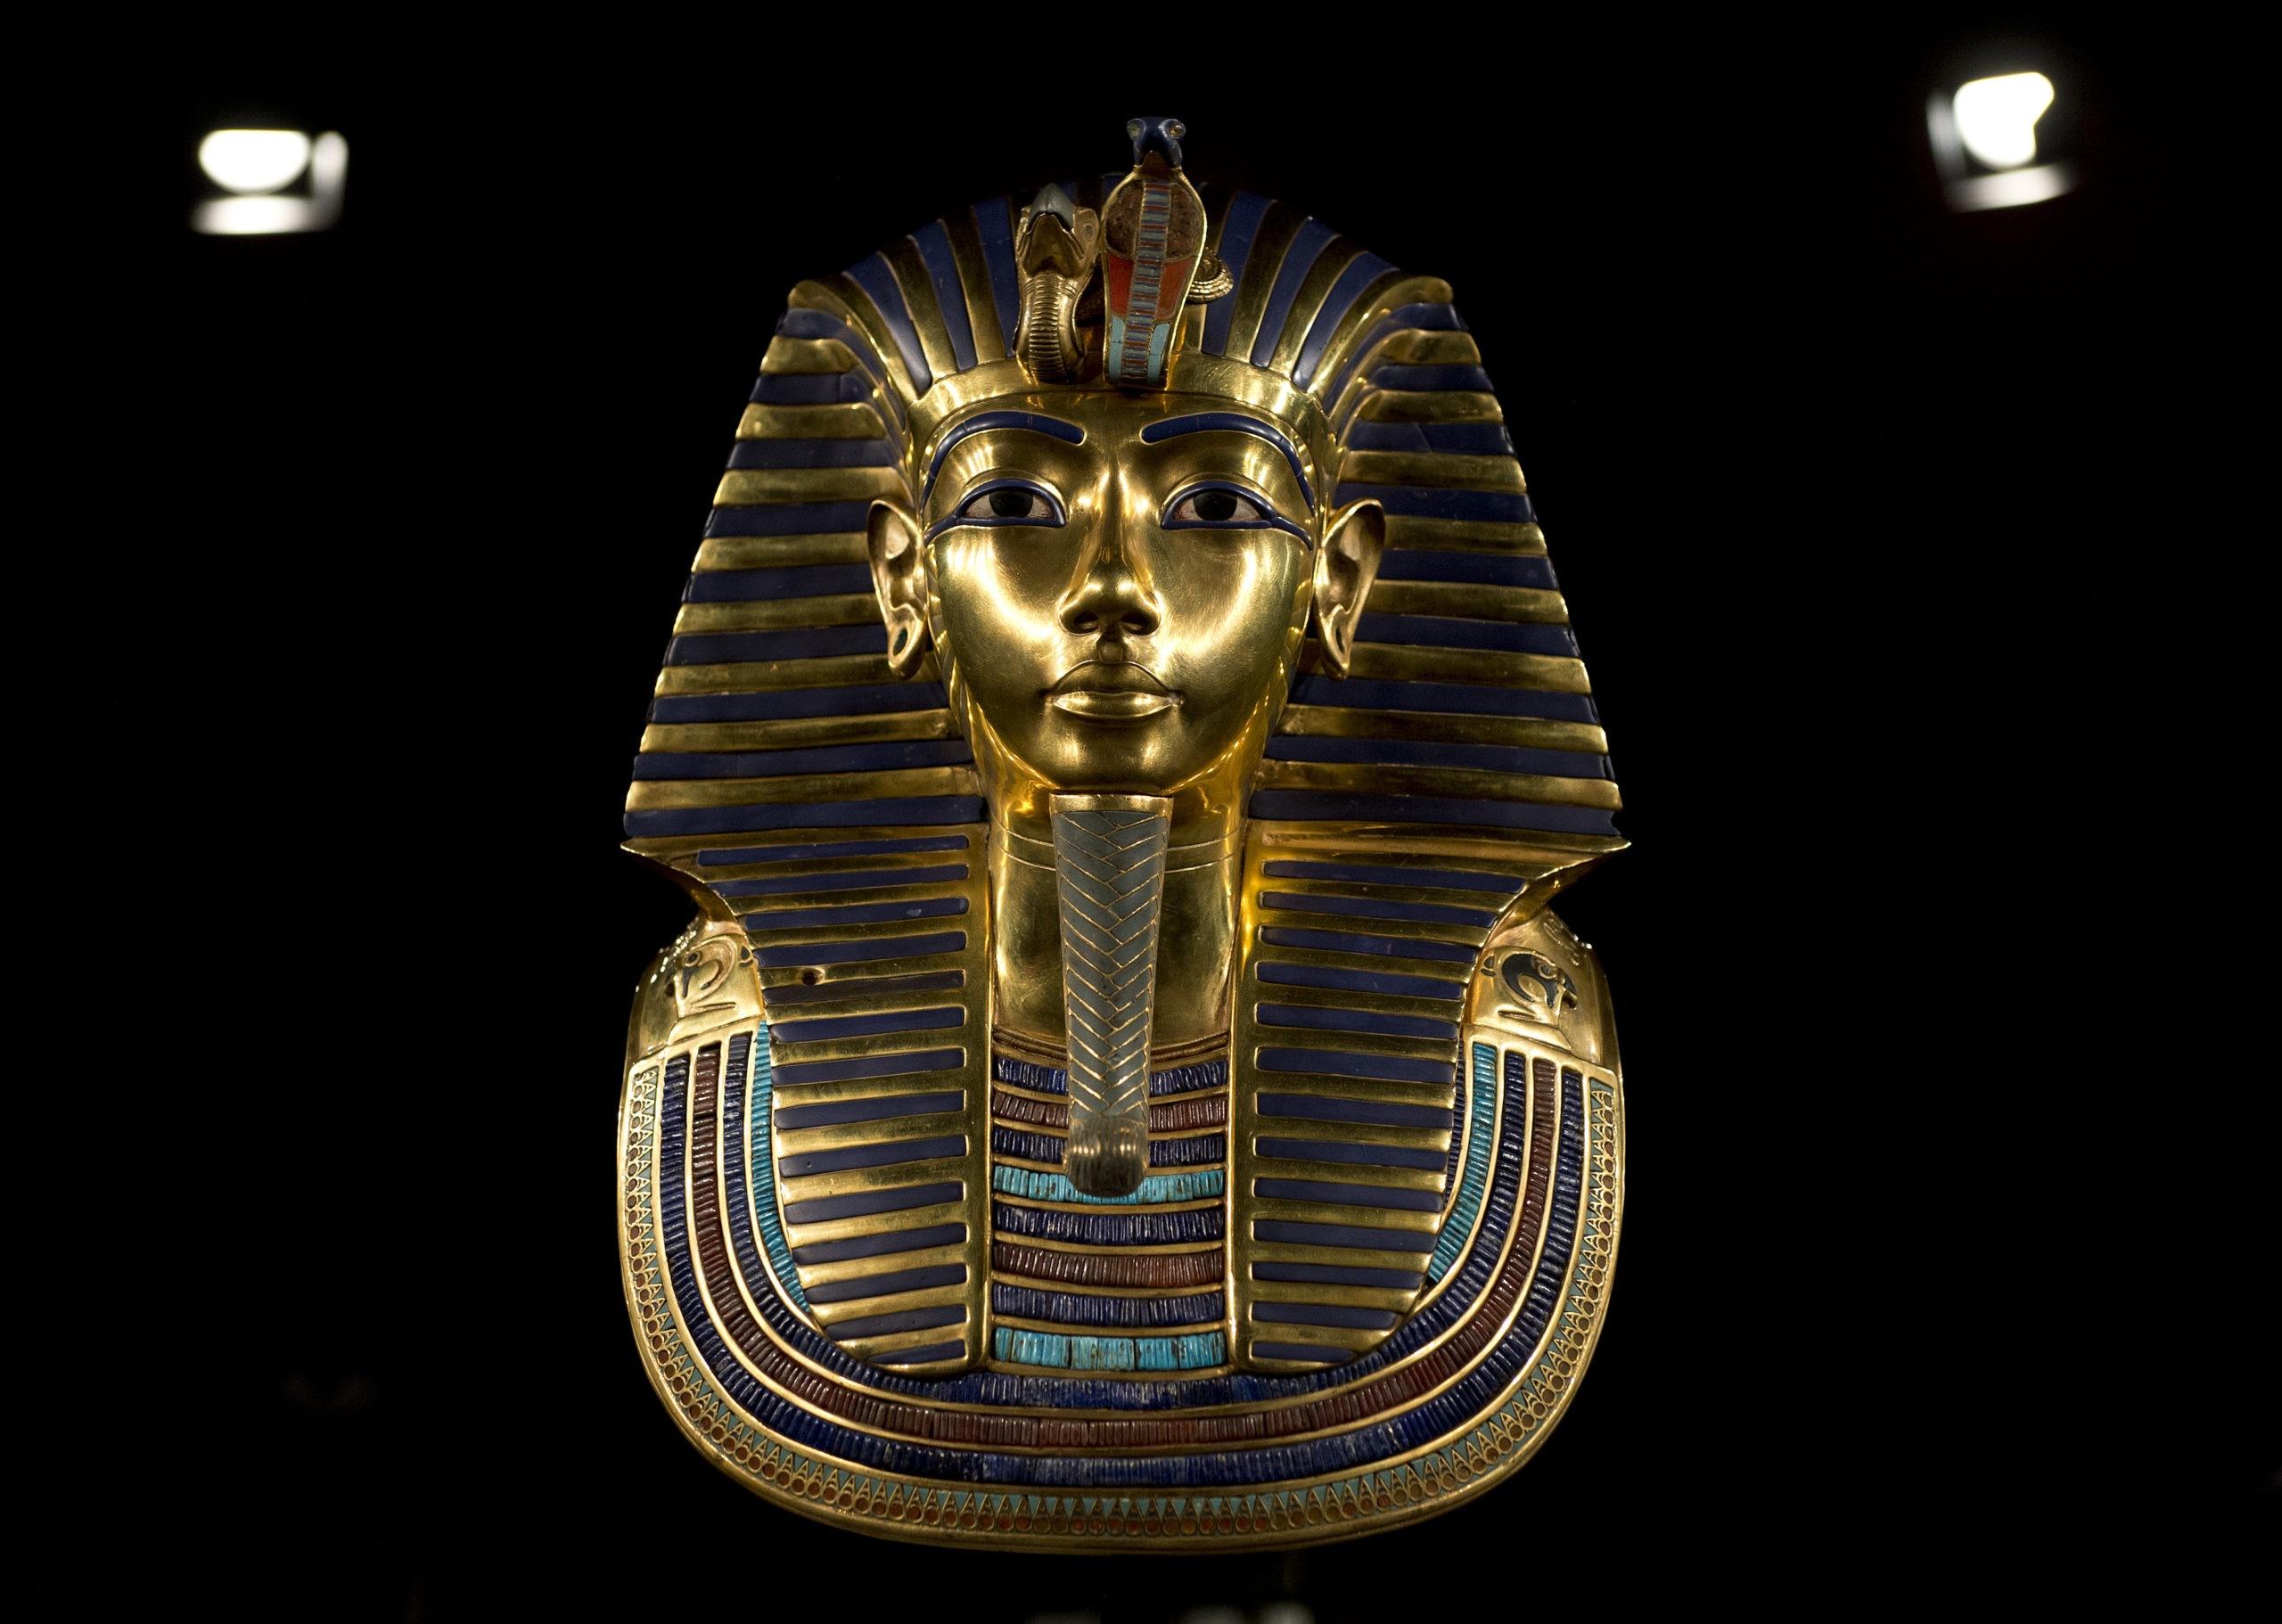 17august2014_Tutanchamon_vystava_8176424